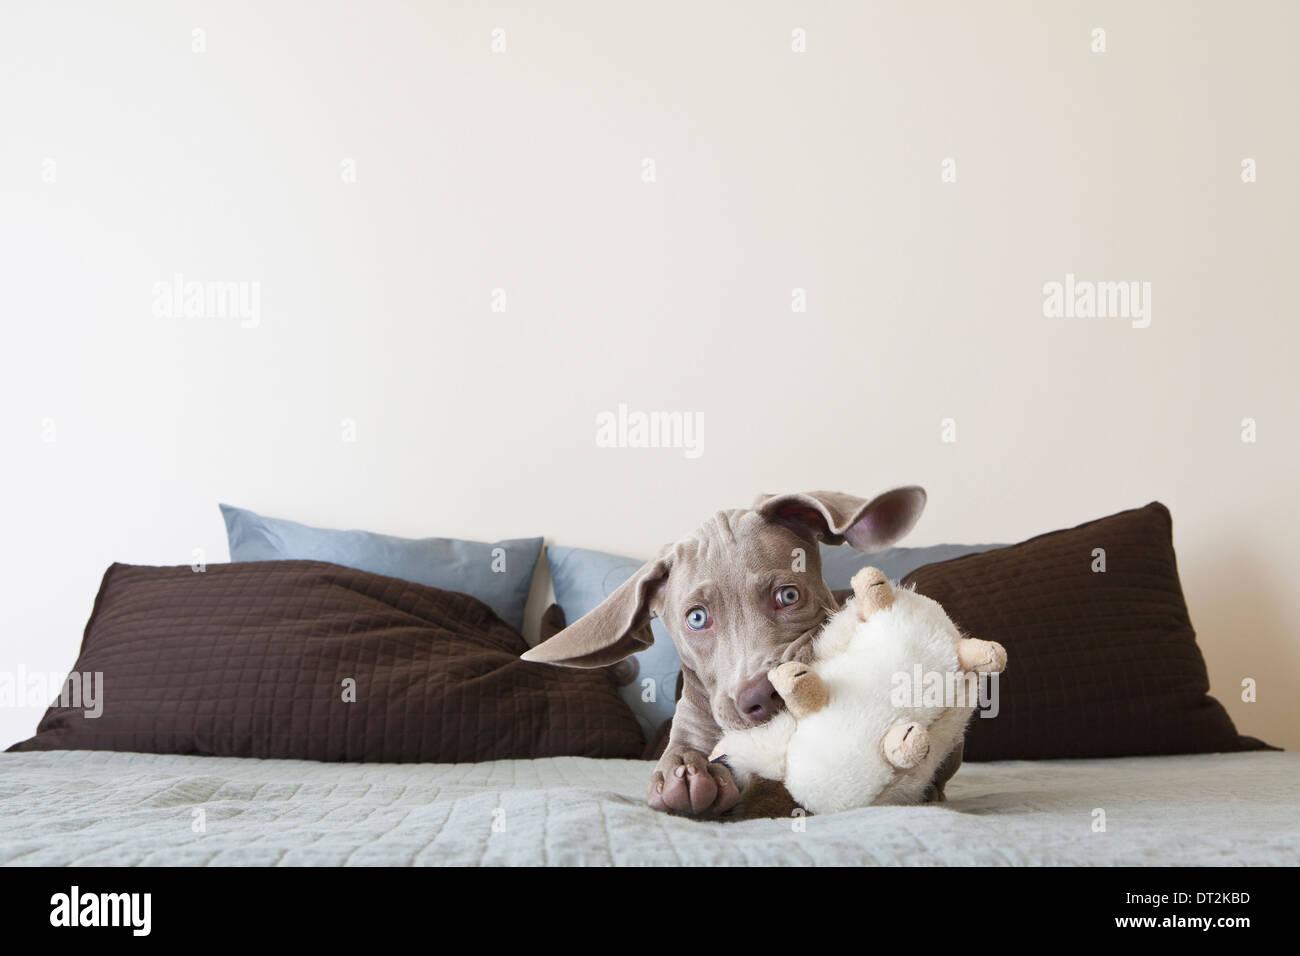 Un cachorro Weimaraner jugando en una cama con peluche en su desembocadura. Imagen De Stock